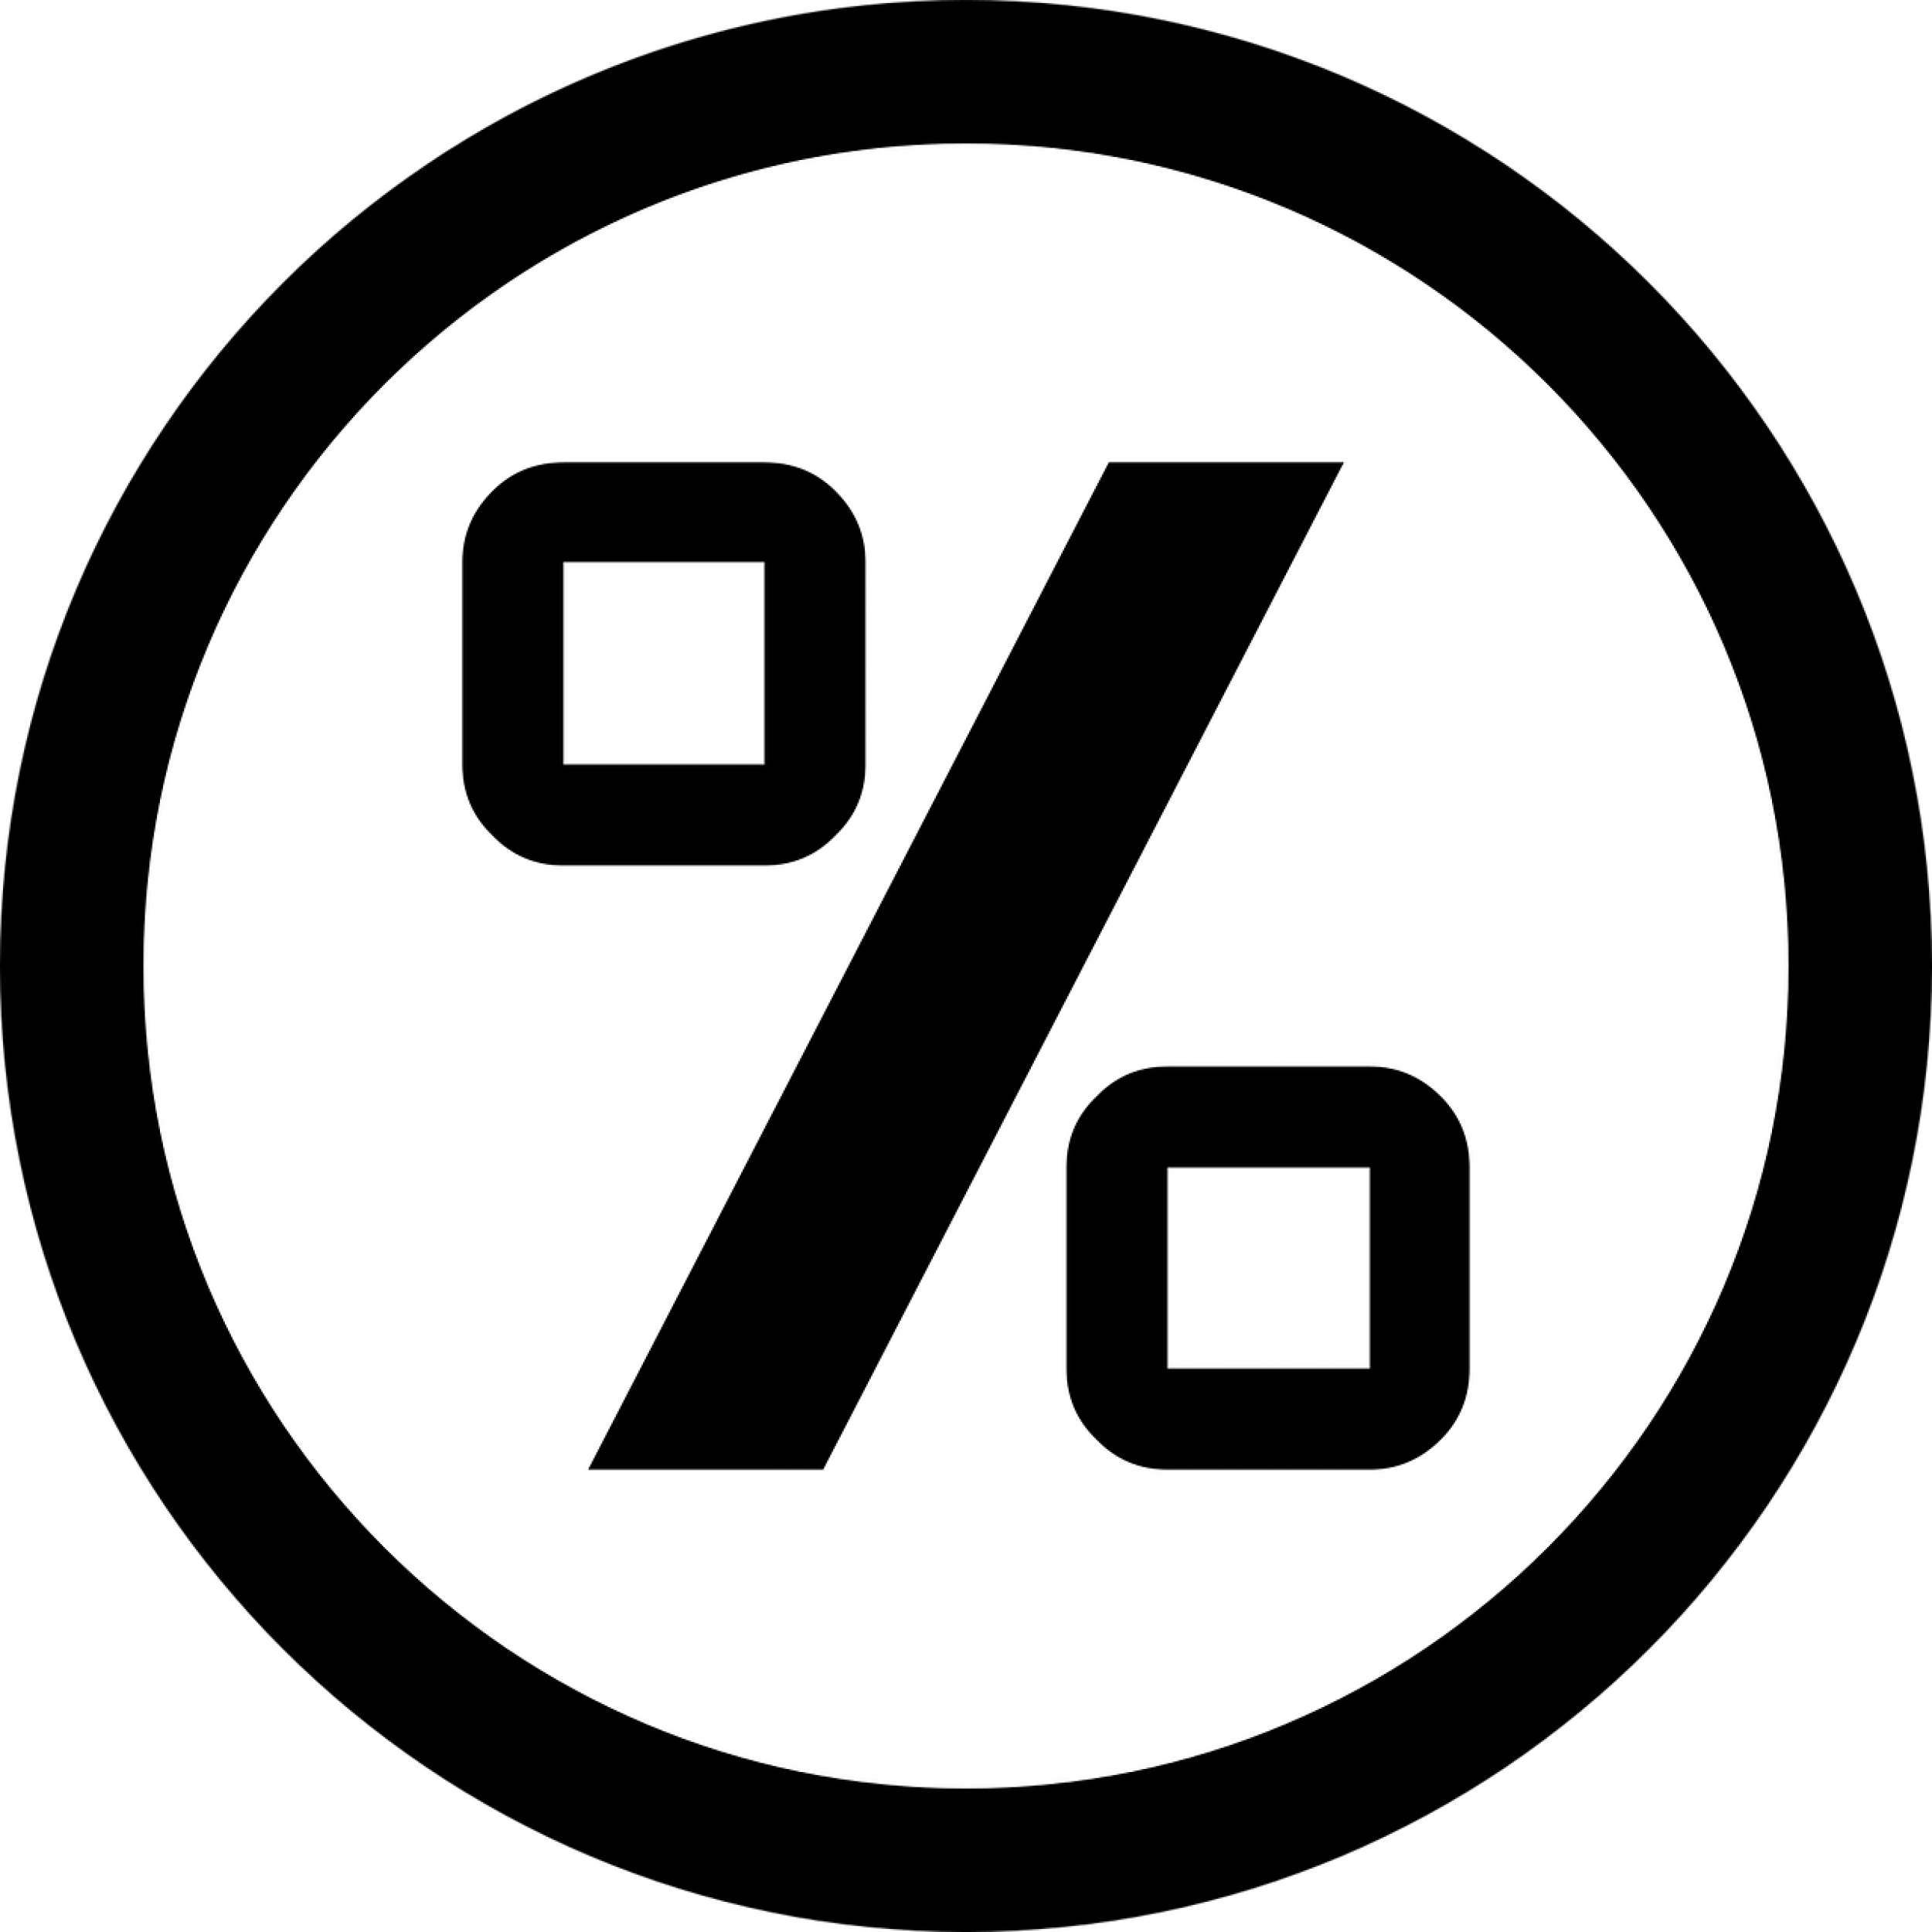 percent-2718209_1280